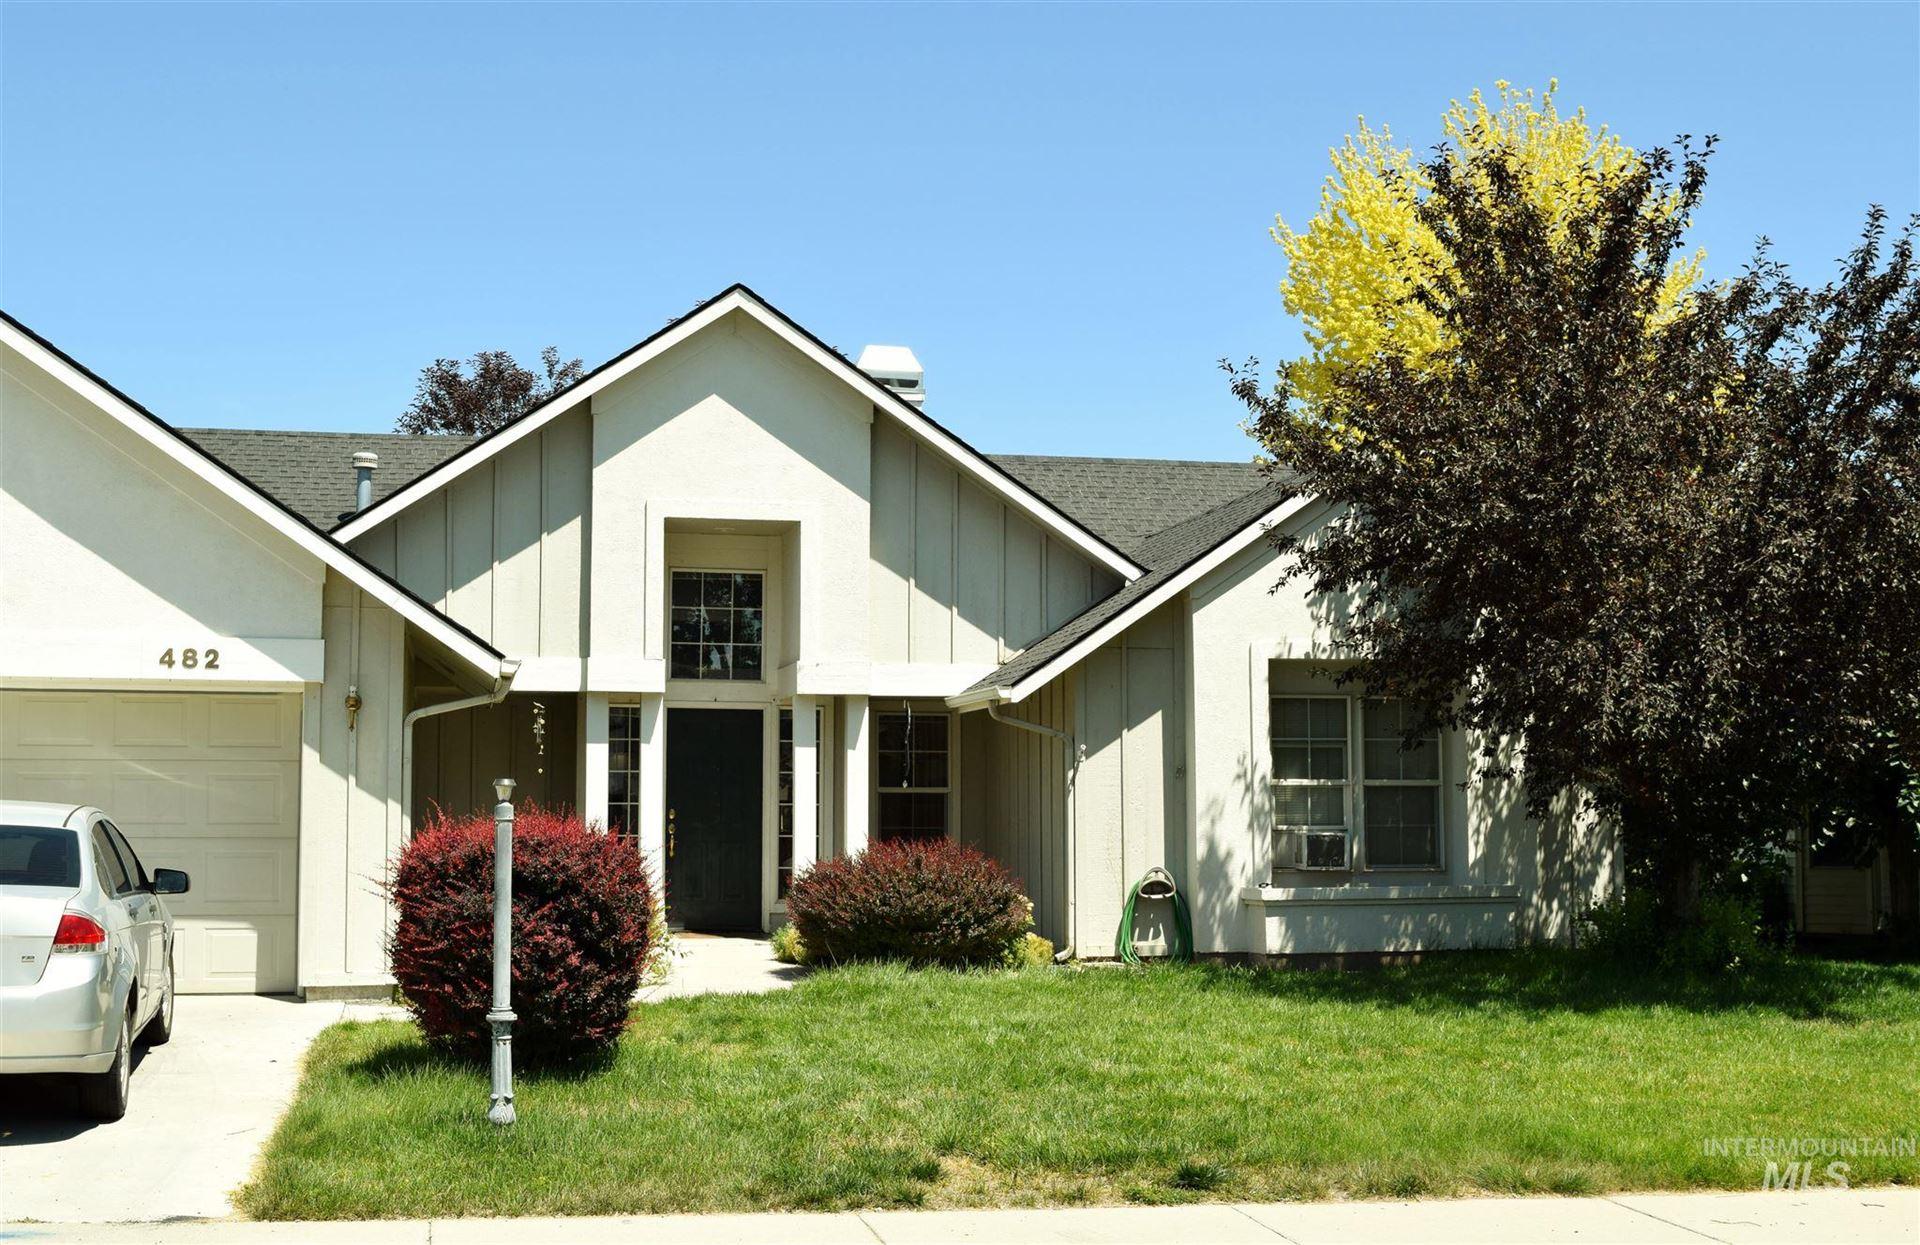 482 W Pack Ave, Meridian, ID 83642 - MLS#: 98776029